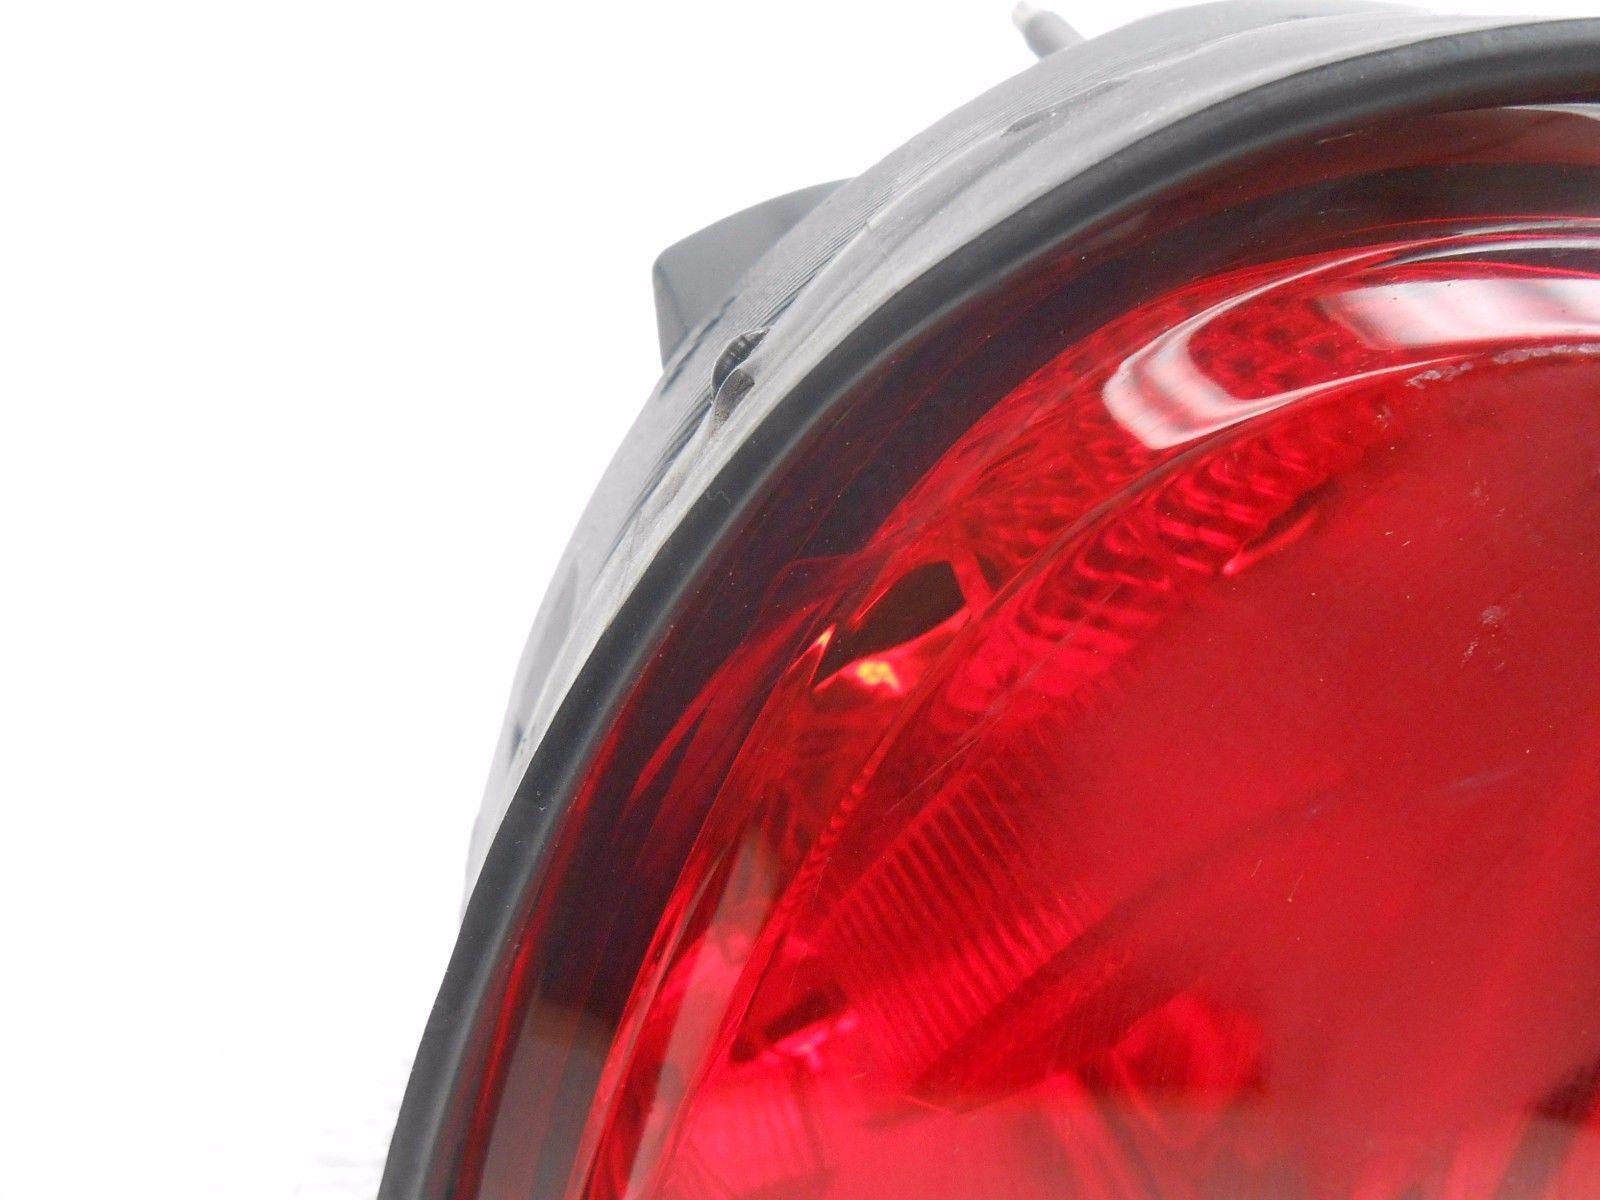 oem 2010 2012 ford mustang left driver side tail lamp light. Black Bedroom Furniture Sets. Home Design Ideas